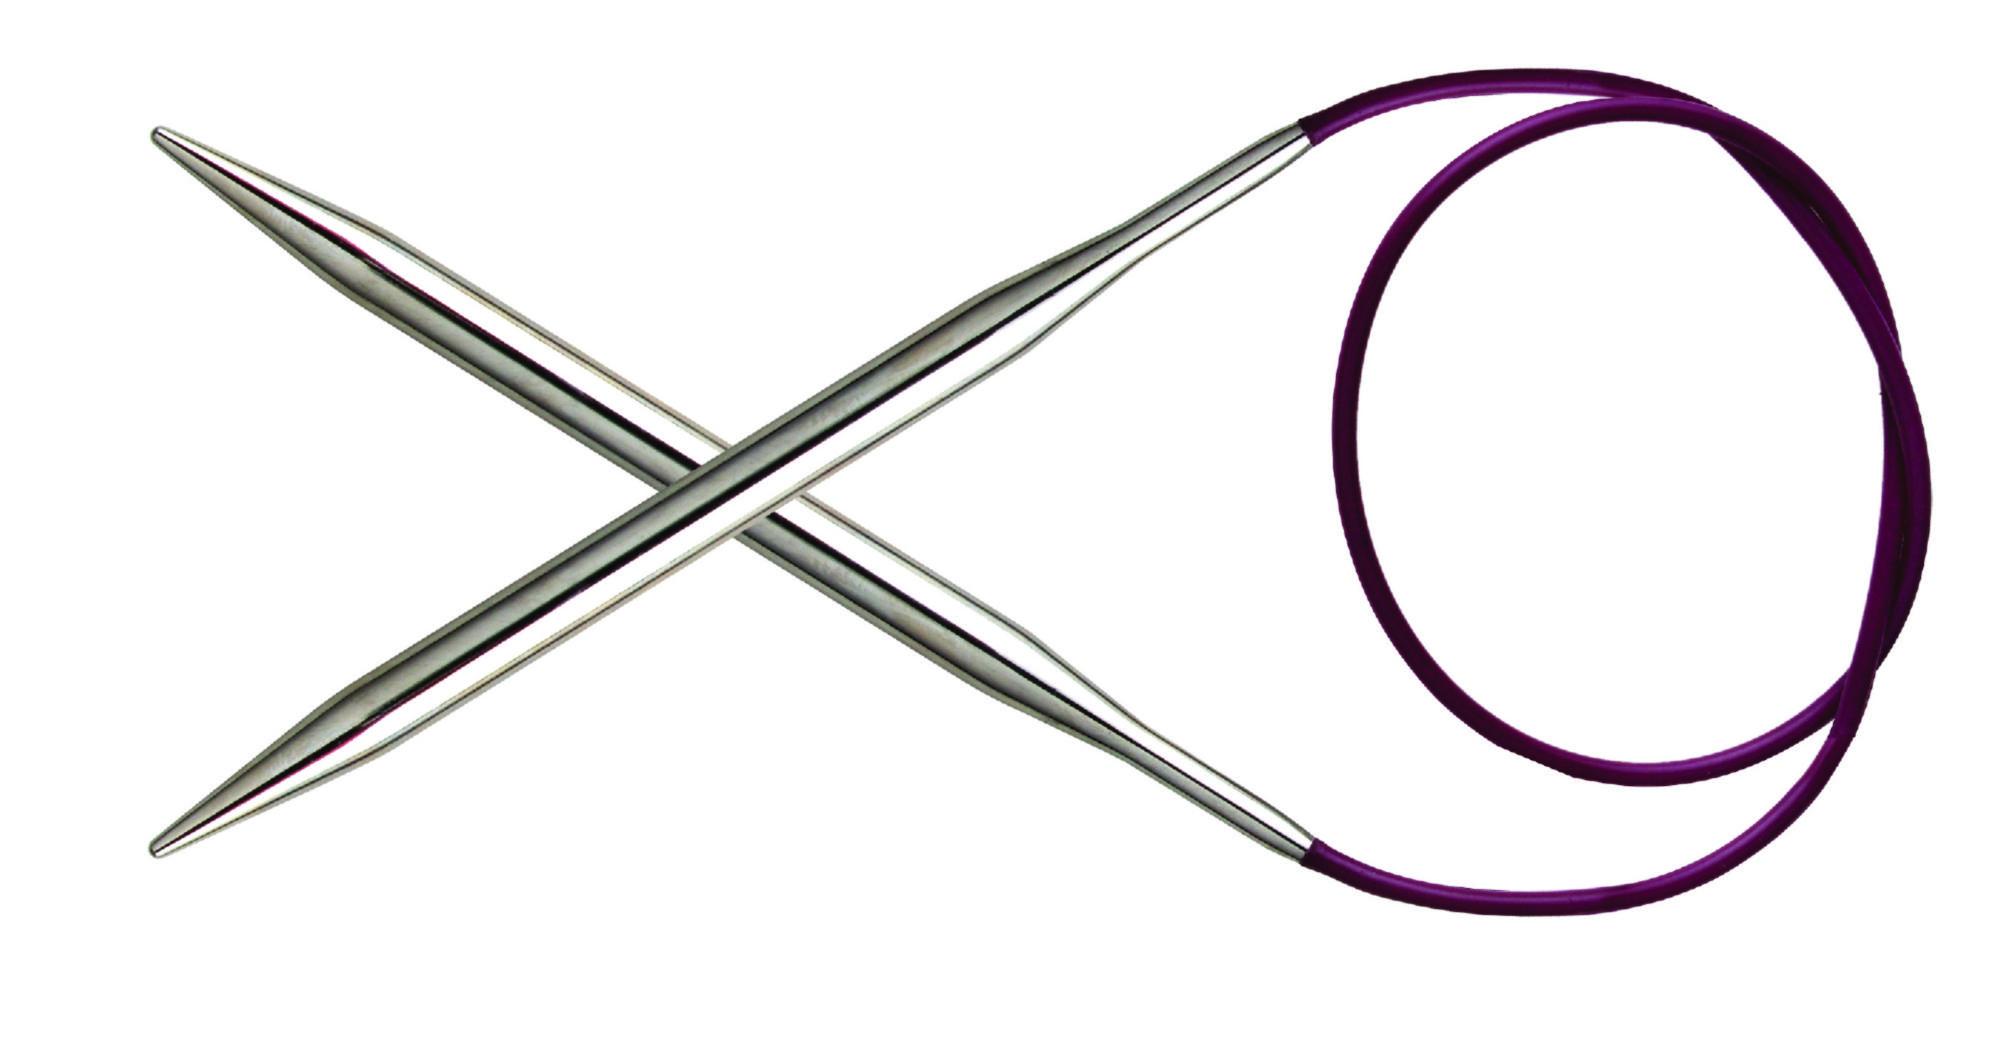 Спицы круговые 100 см Nova Metal KnitPro, 11350, 3.50 мм